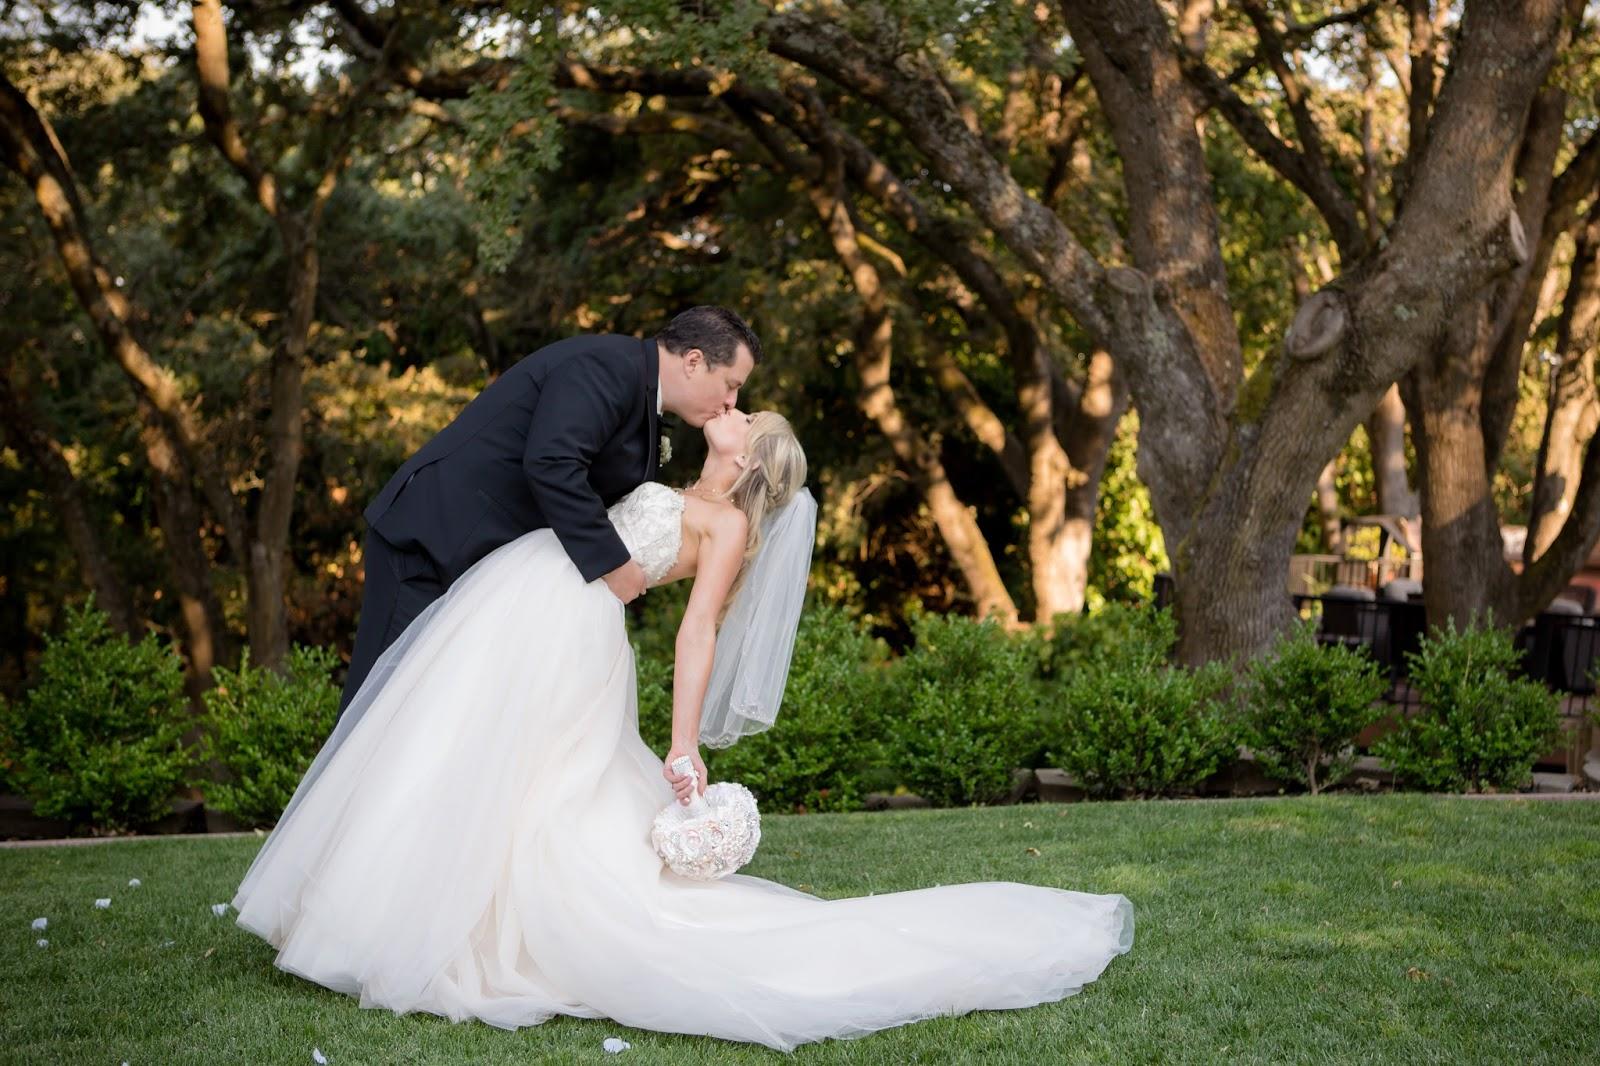 Bride and groom - dip kiss